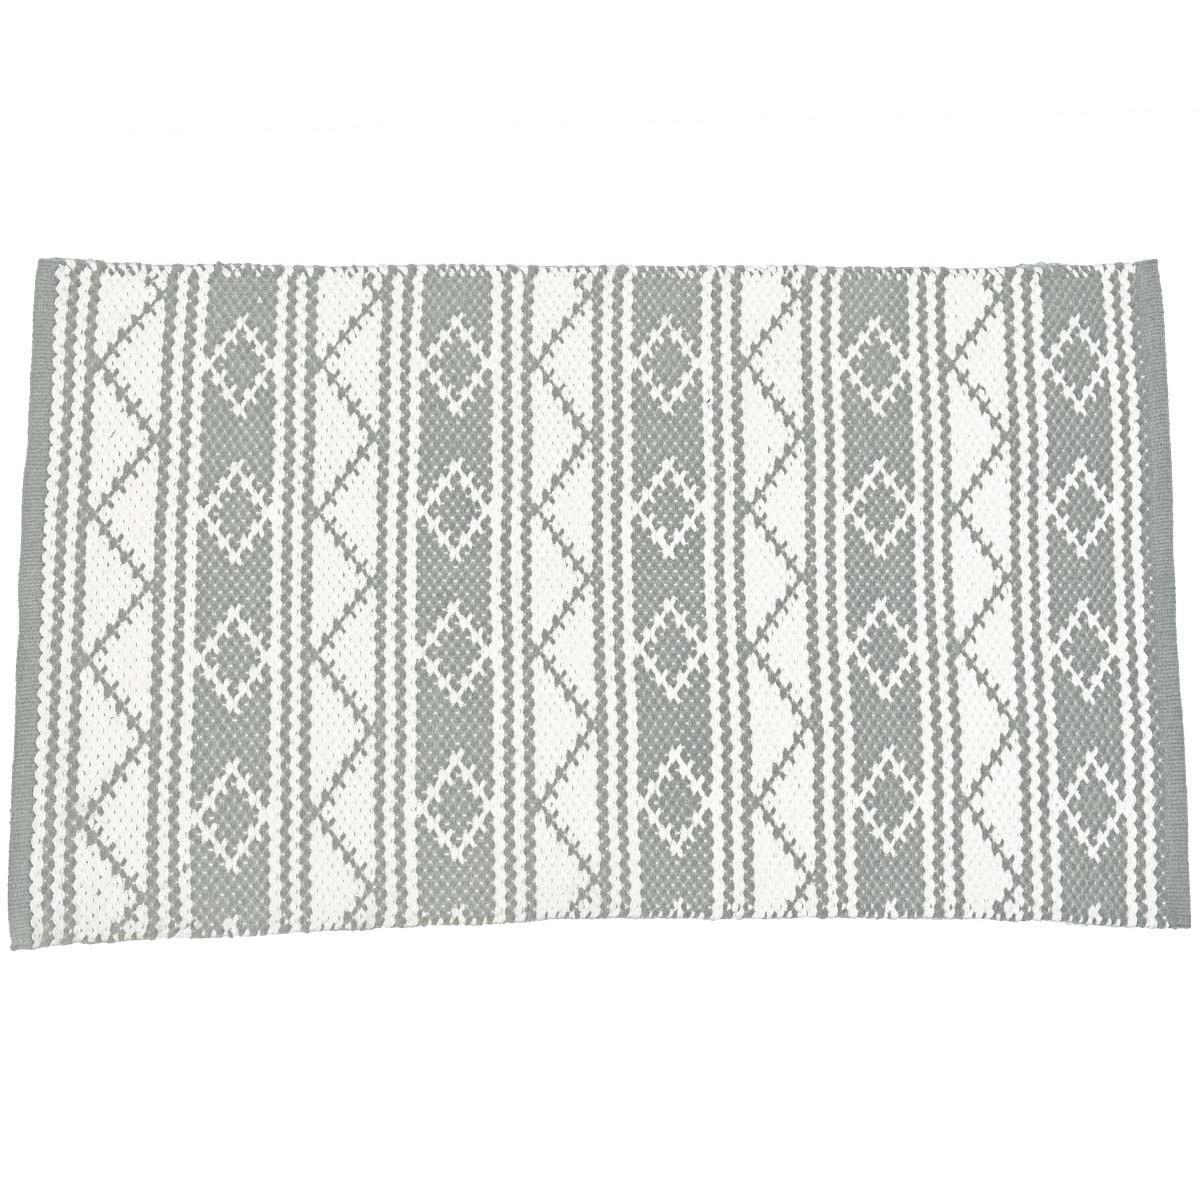 ANGELS - Tapis d'intérieur 100% coton Gris Perle 70x150